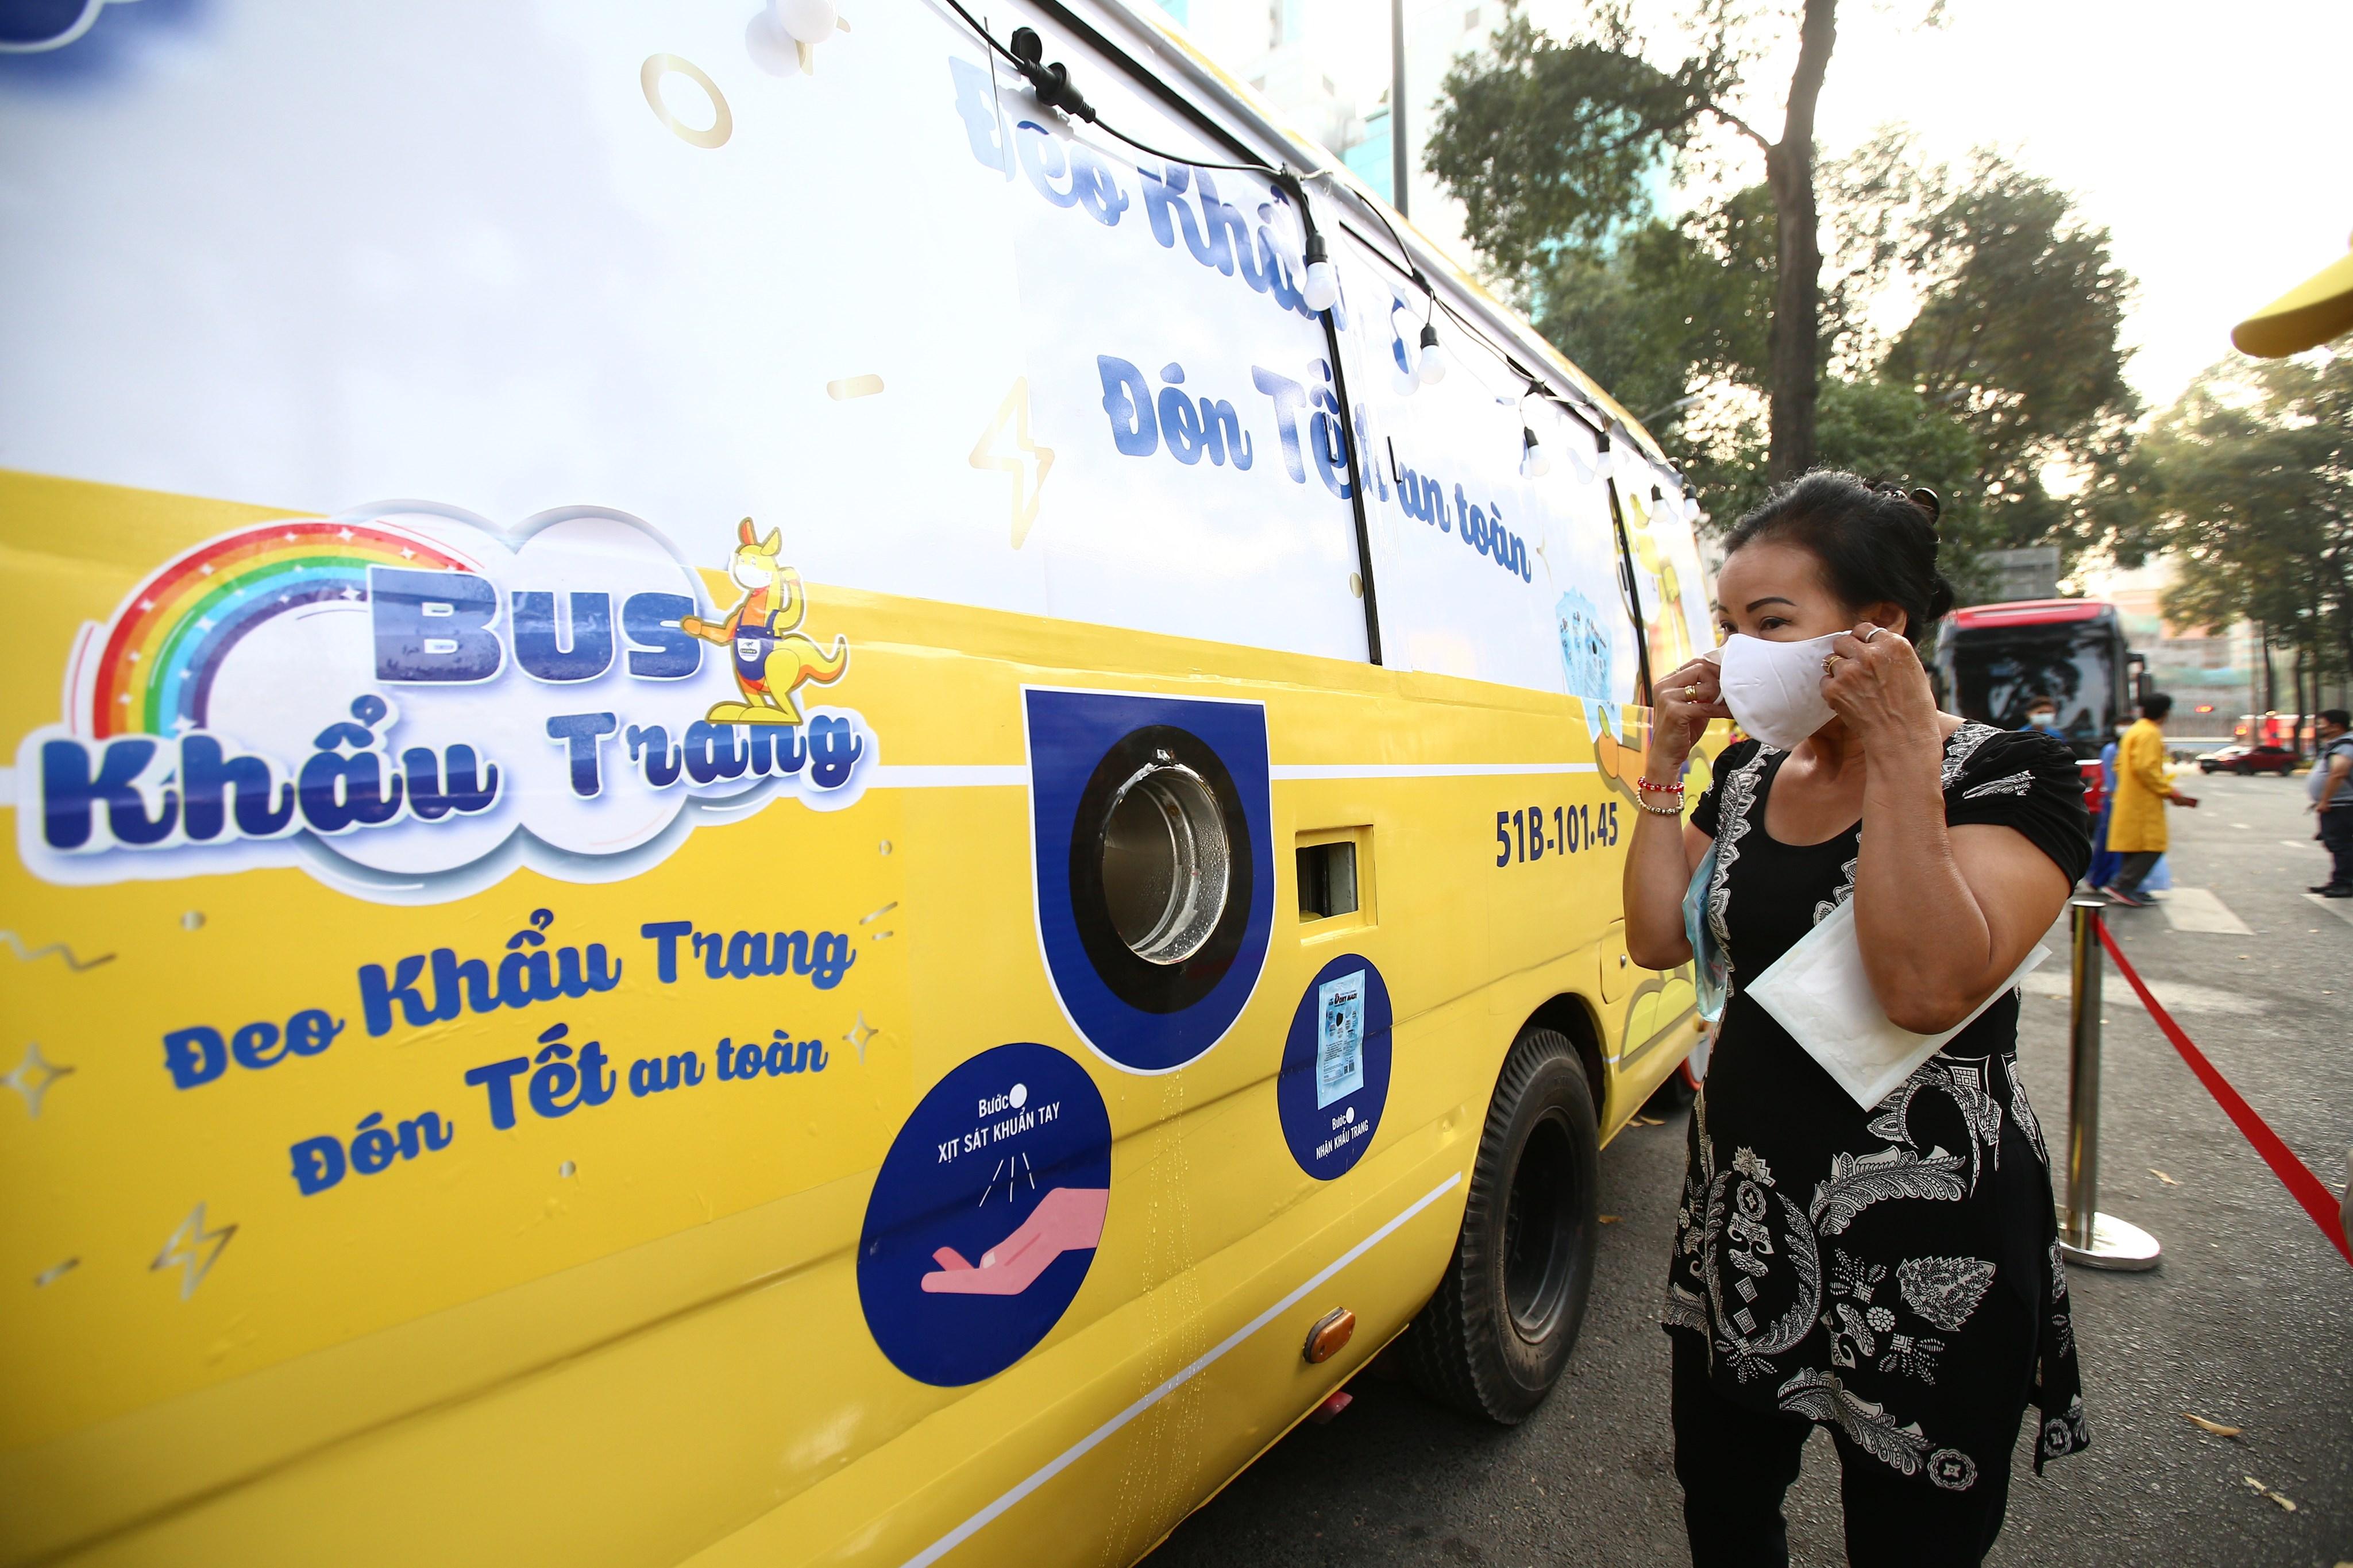 Xe buýt khẩu trang phát tự động 100.000 cái miễn phí cho người dân Sài Gòn 4